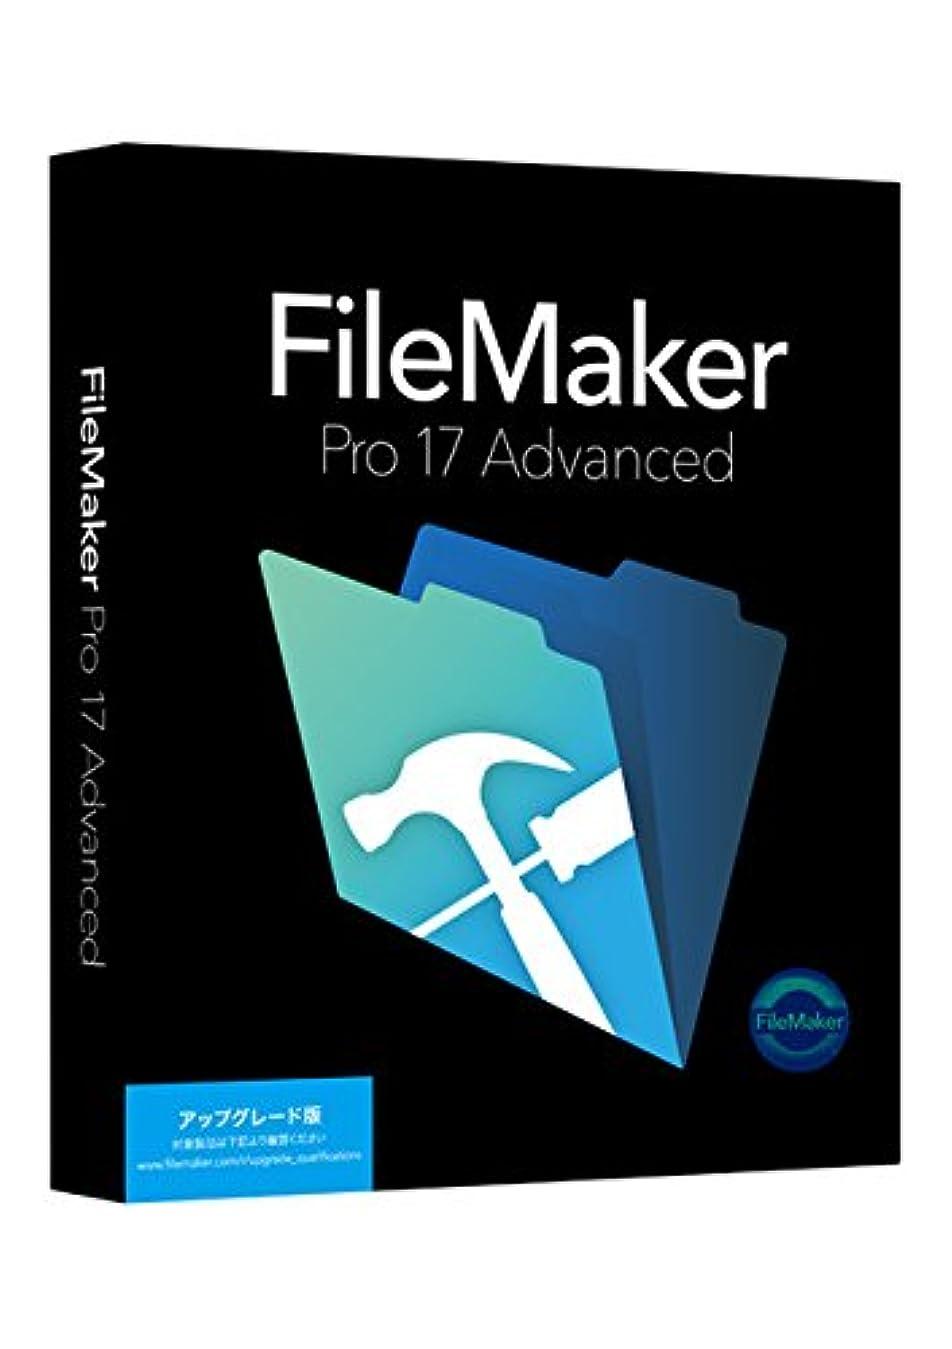 鮫ペチコート推測するファイルメーカー FileMaker Pro 17 Advanced アップグレード